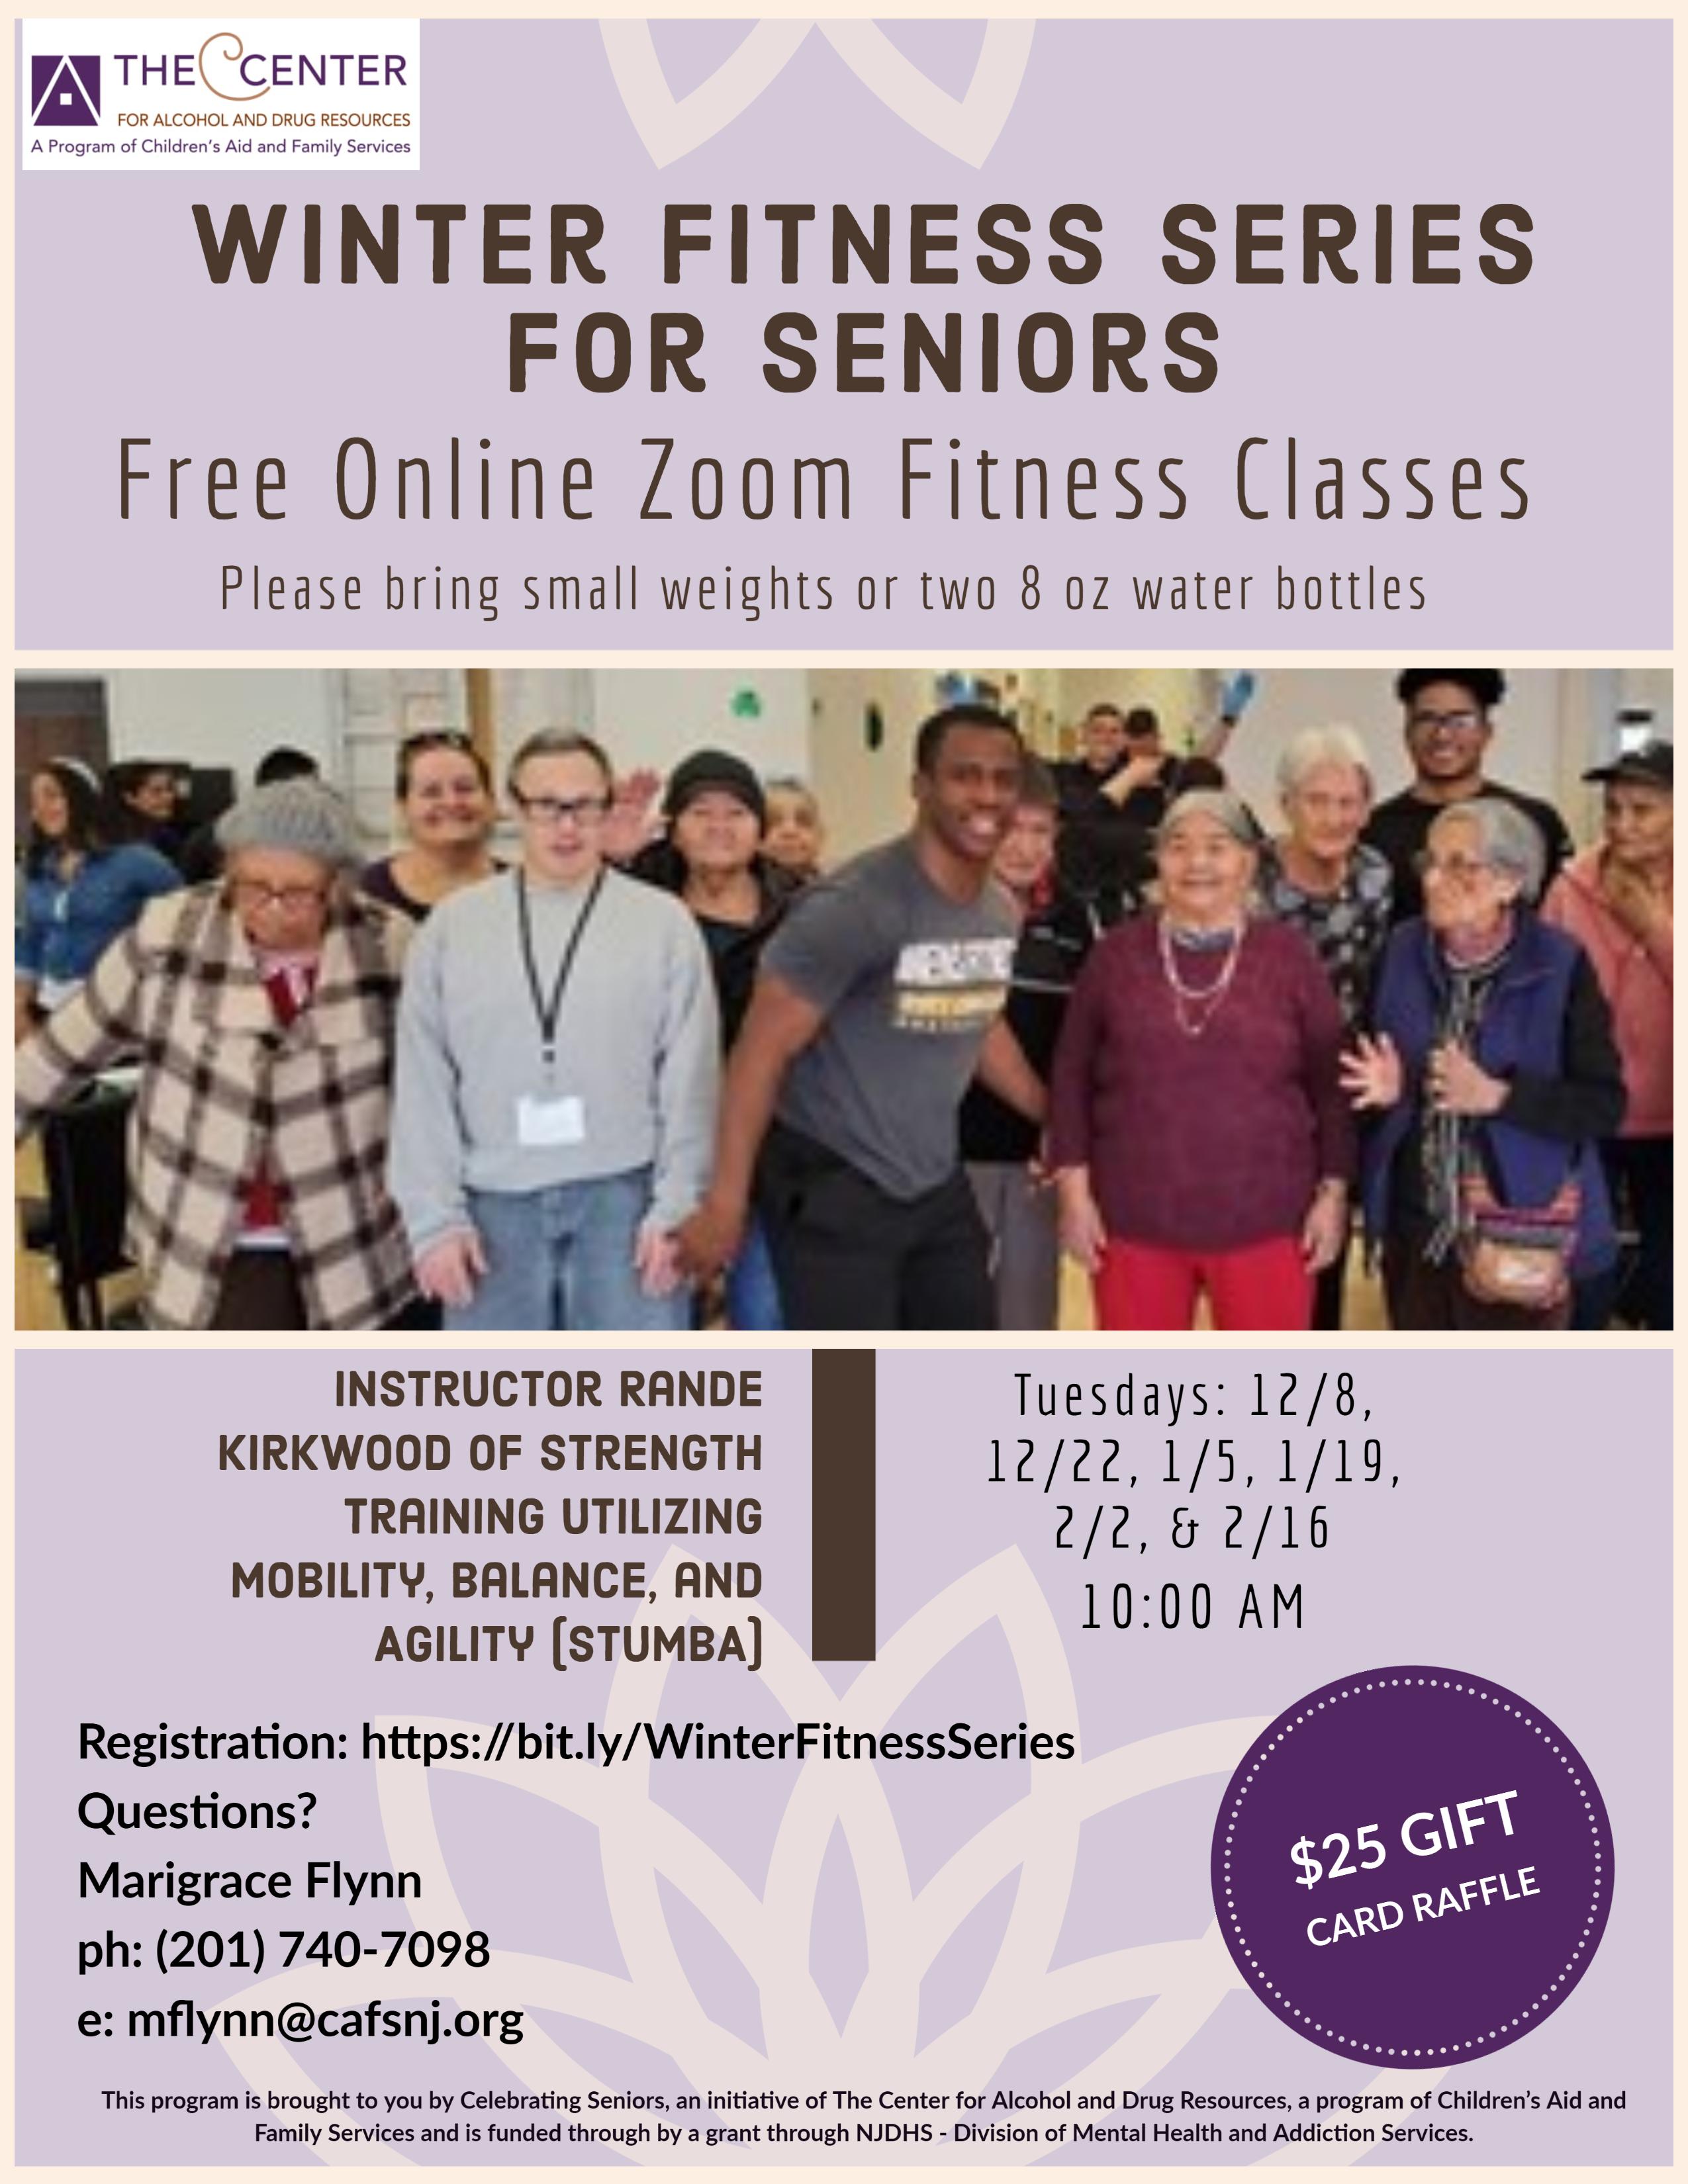 Winter Fitness Series for Seniors